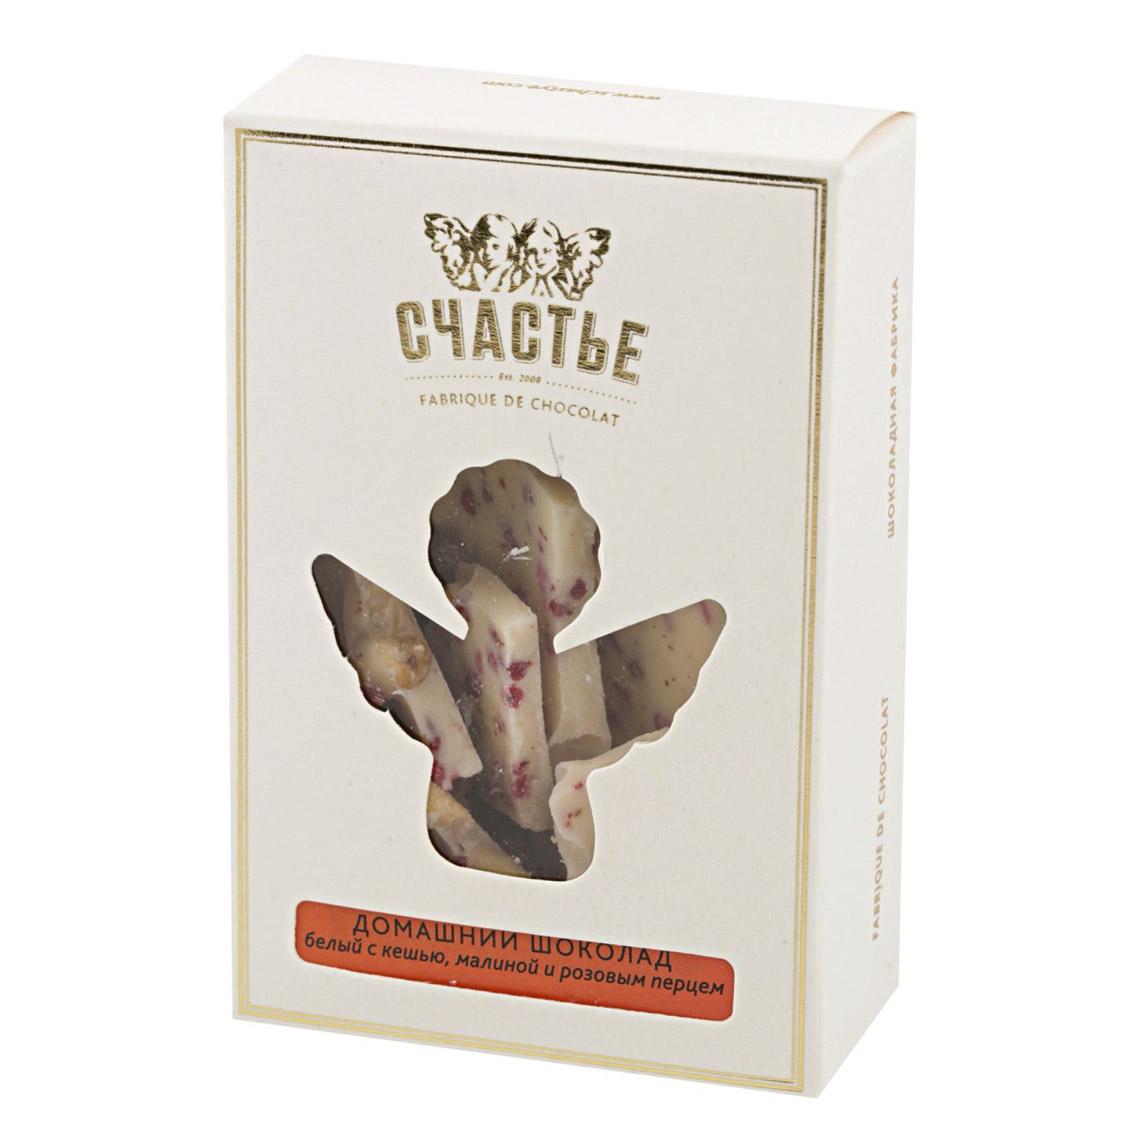 Шоколад белый Счастье с кешью, малиной и розовым перцем 140 г шоколад chokodelika молочный с кешью 80 г